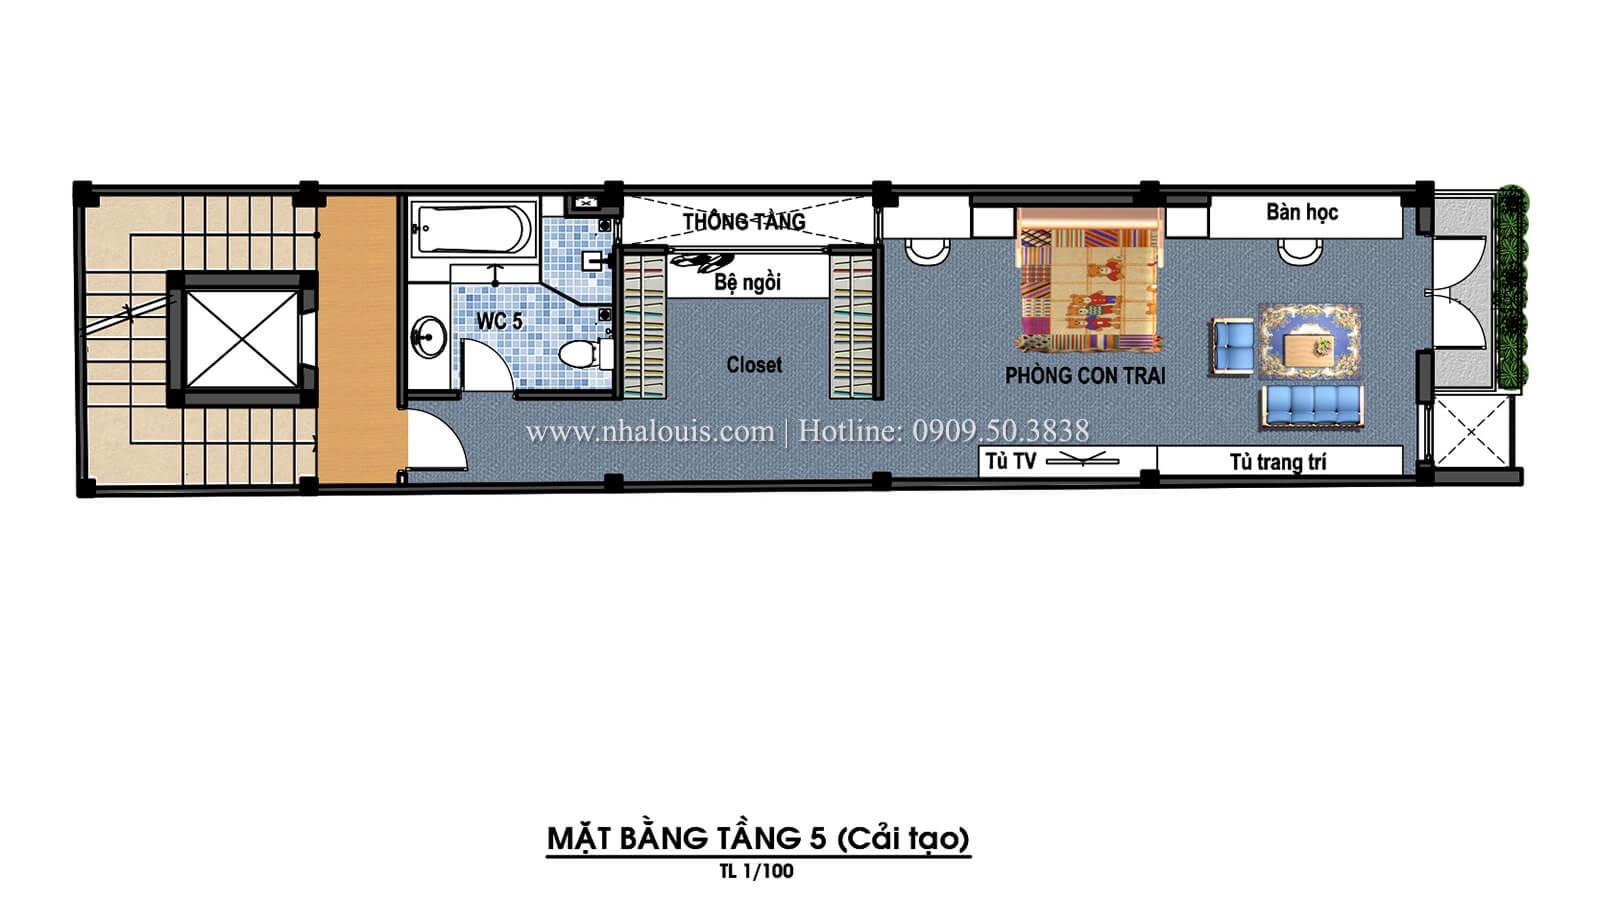 Mặt bằng tầng 5 Thiết kế cải tạo nhà 6 tầng đẹp không ngờ tại Quận 6 - 09